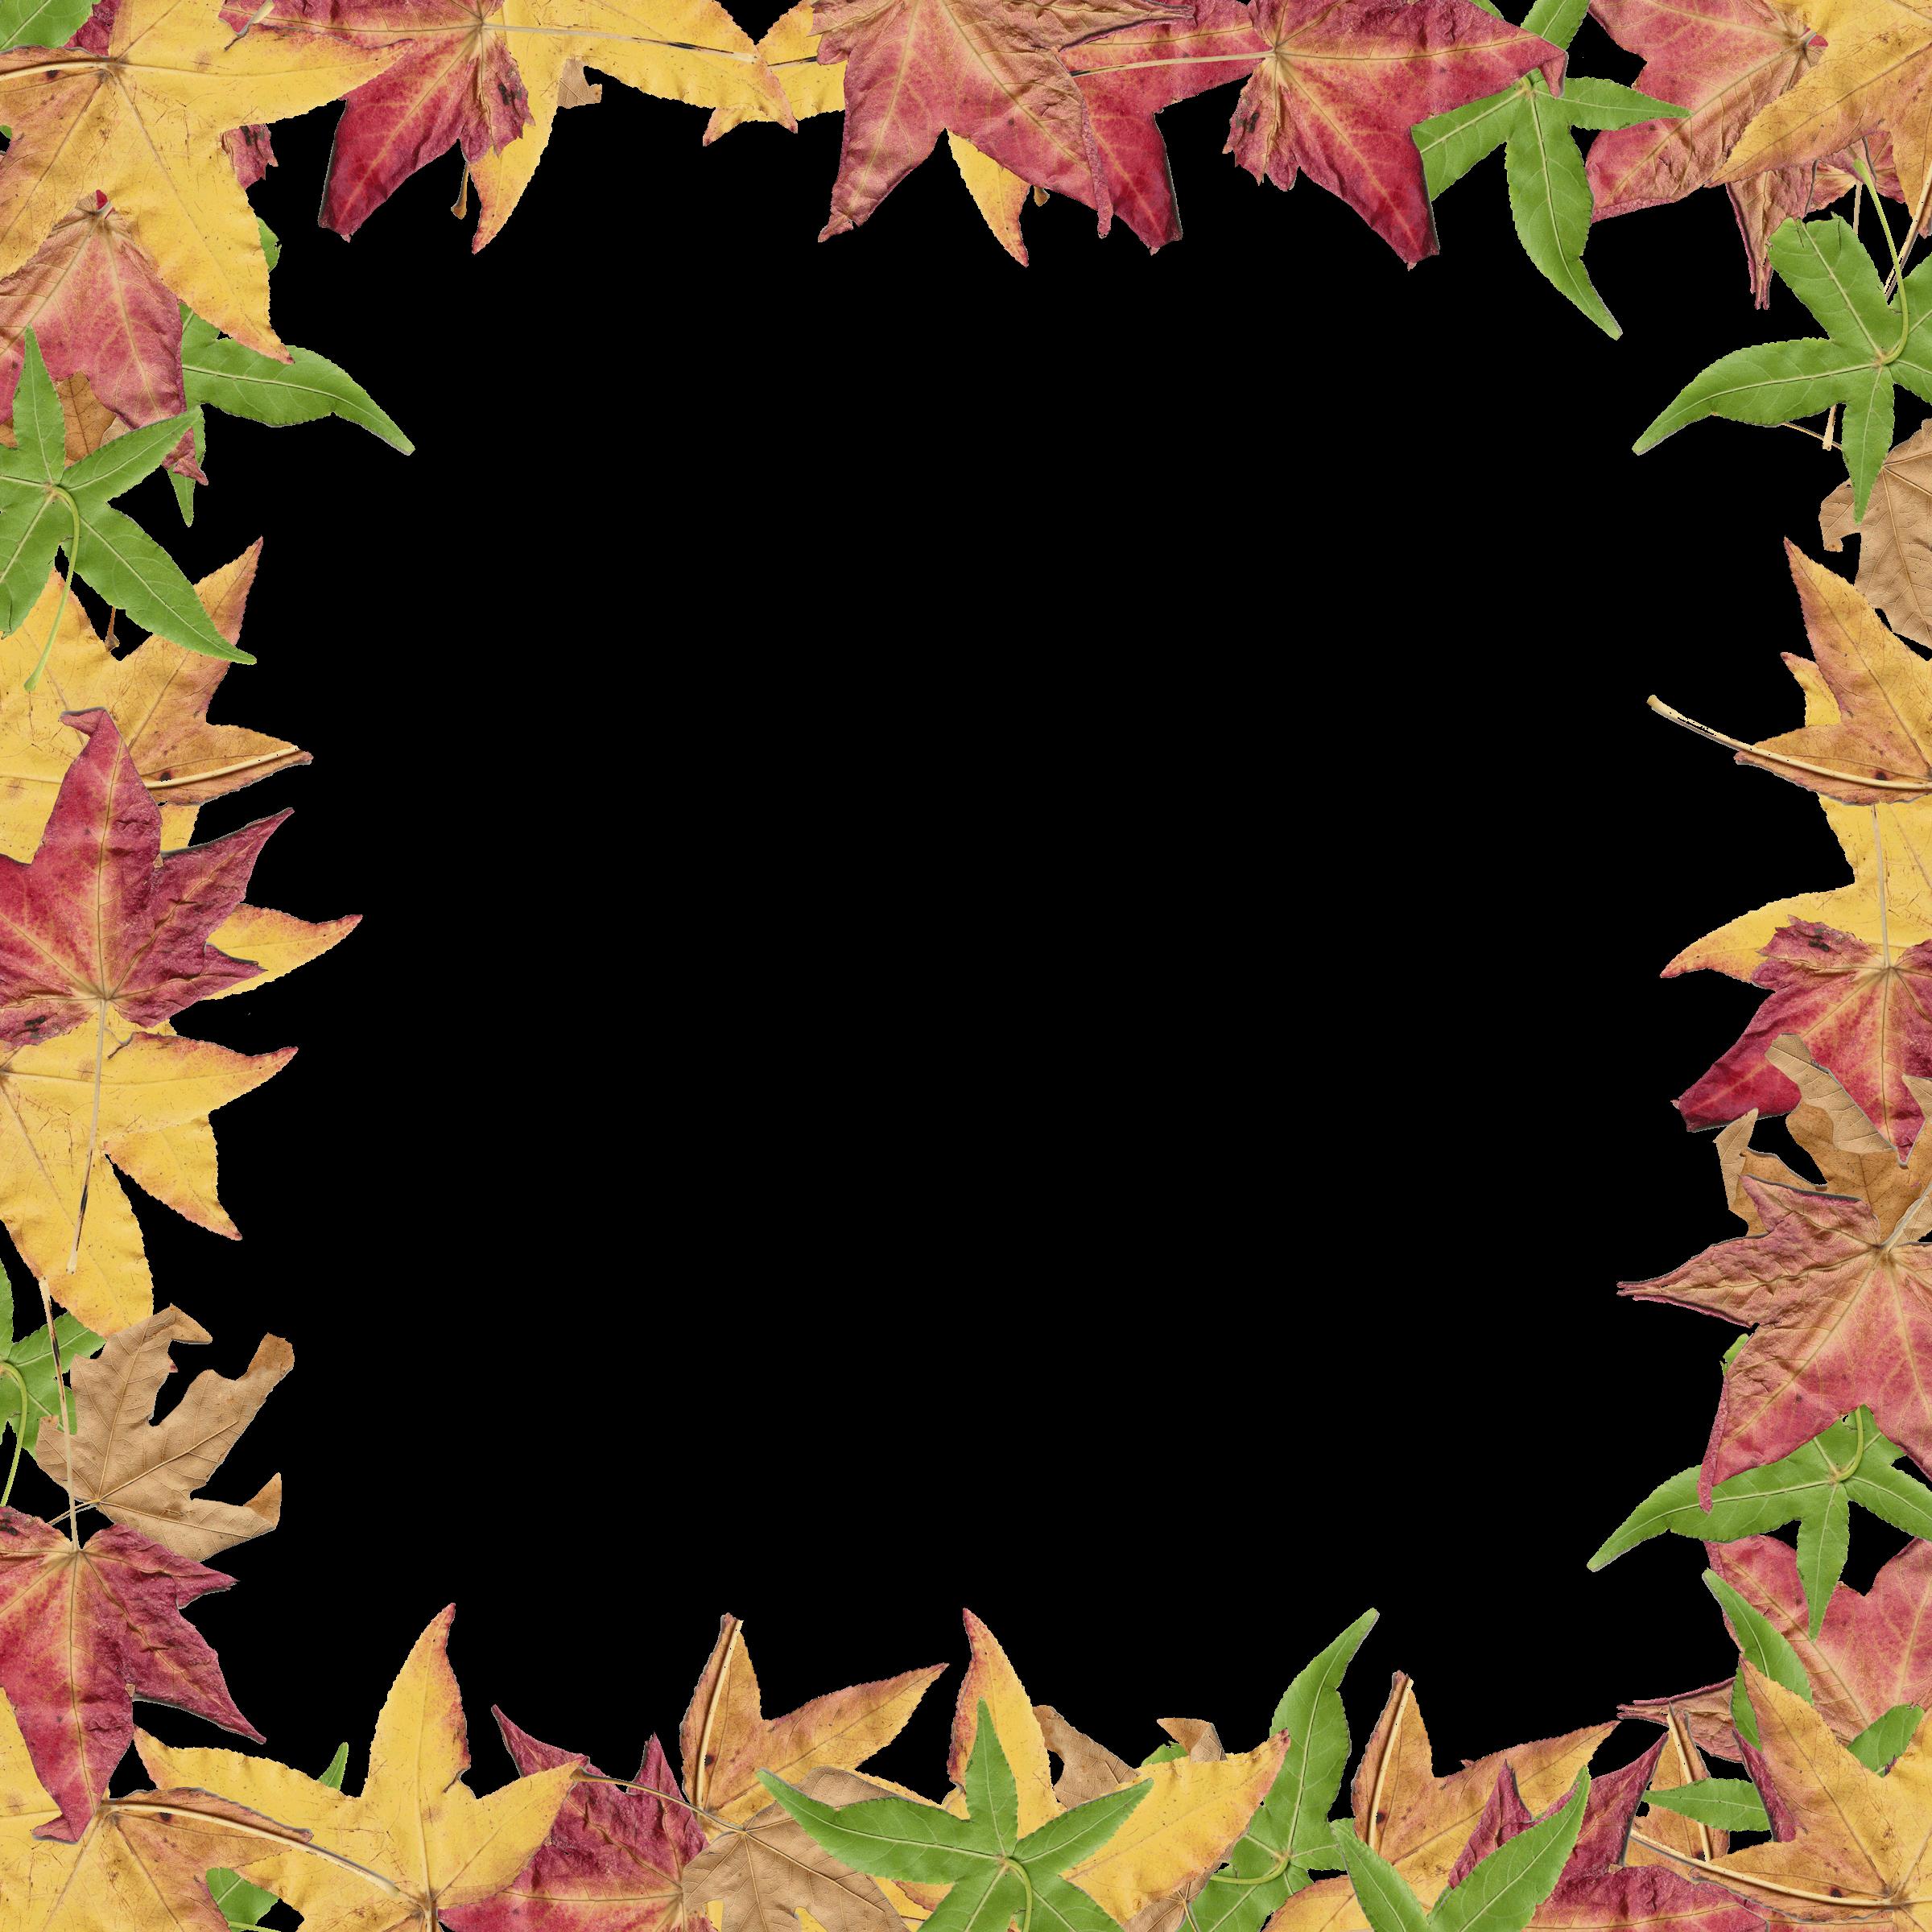 Leaf Border Design - ClipArt Best